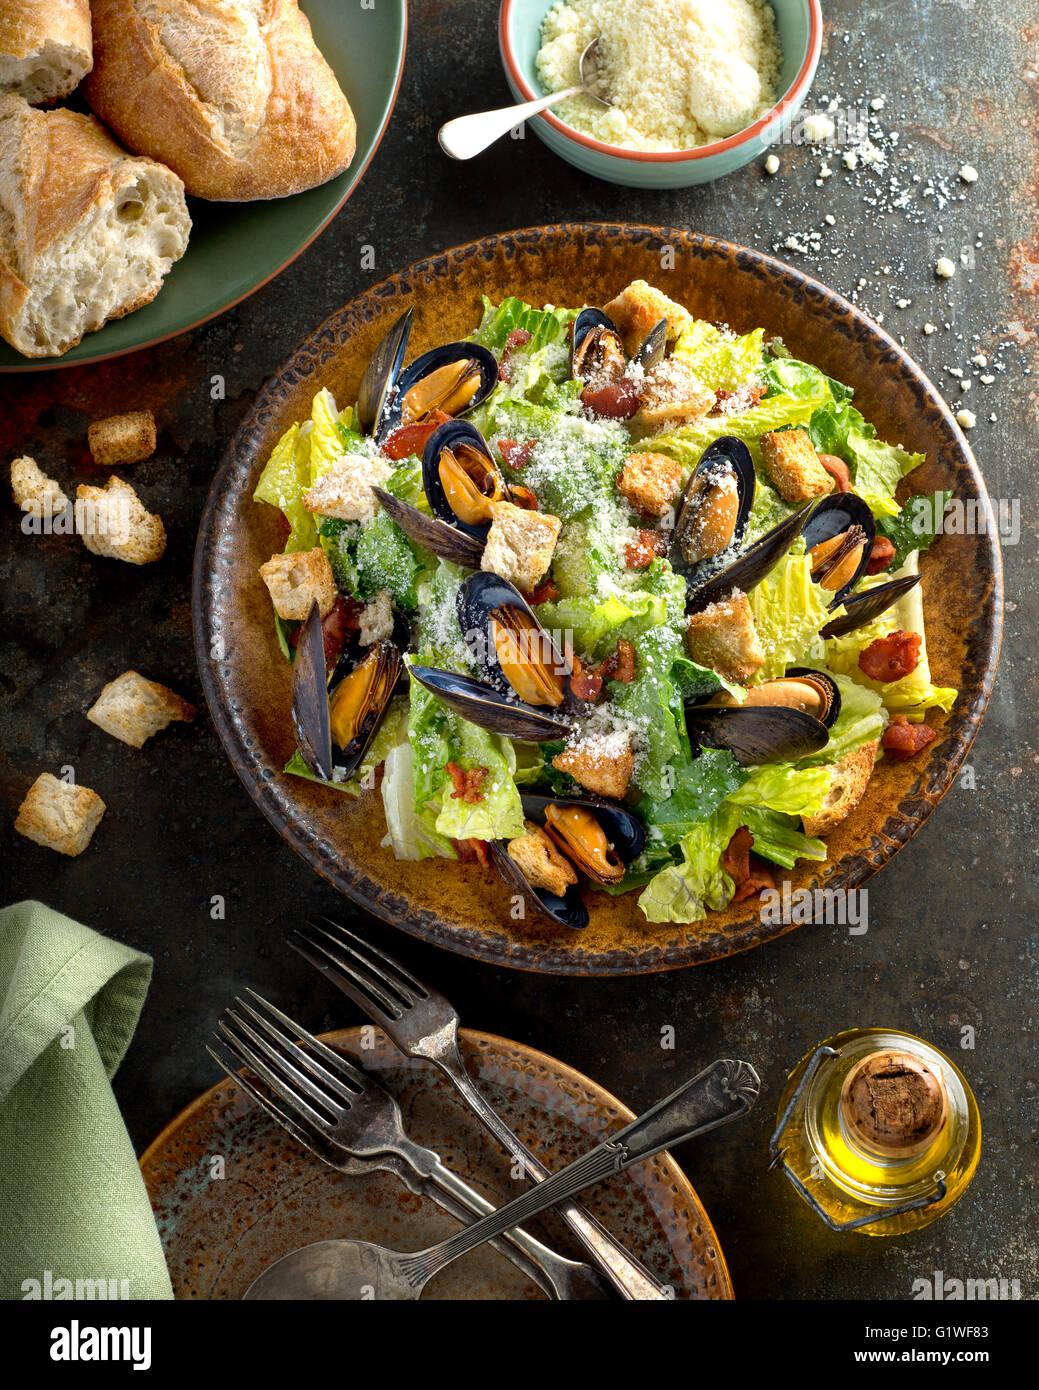 Una deliziosa insalata caesar con cozze, lattuga romana, pancetta, crostini e formaggio parmigiano. Immagini Stock